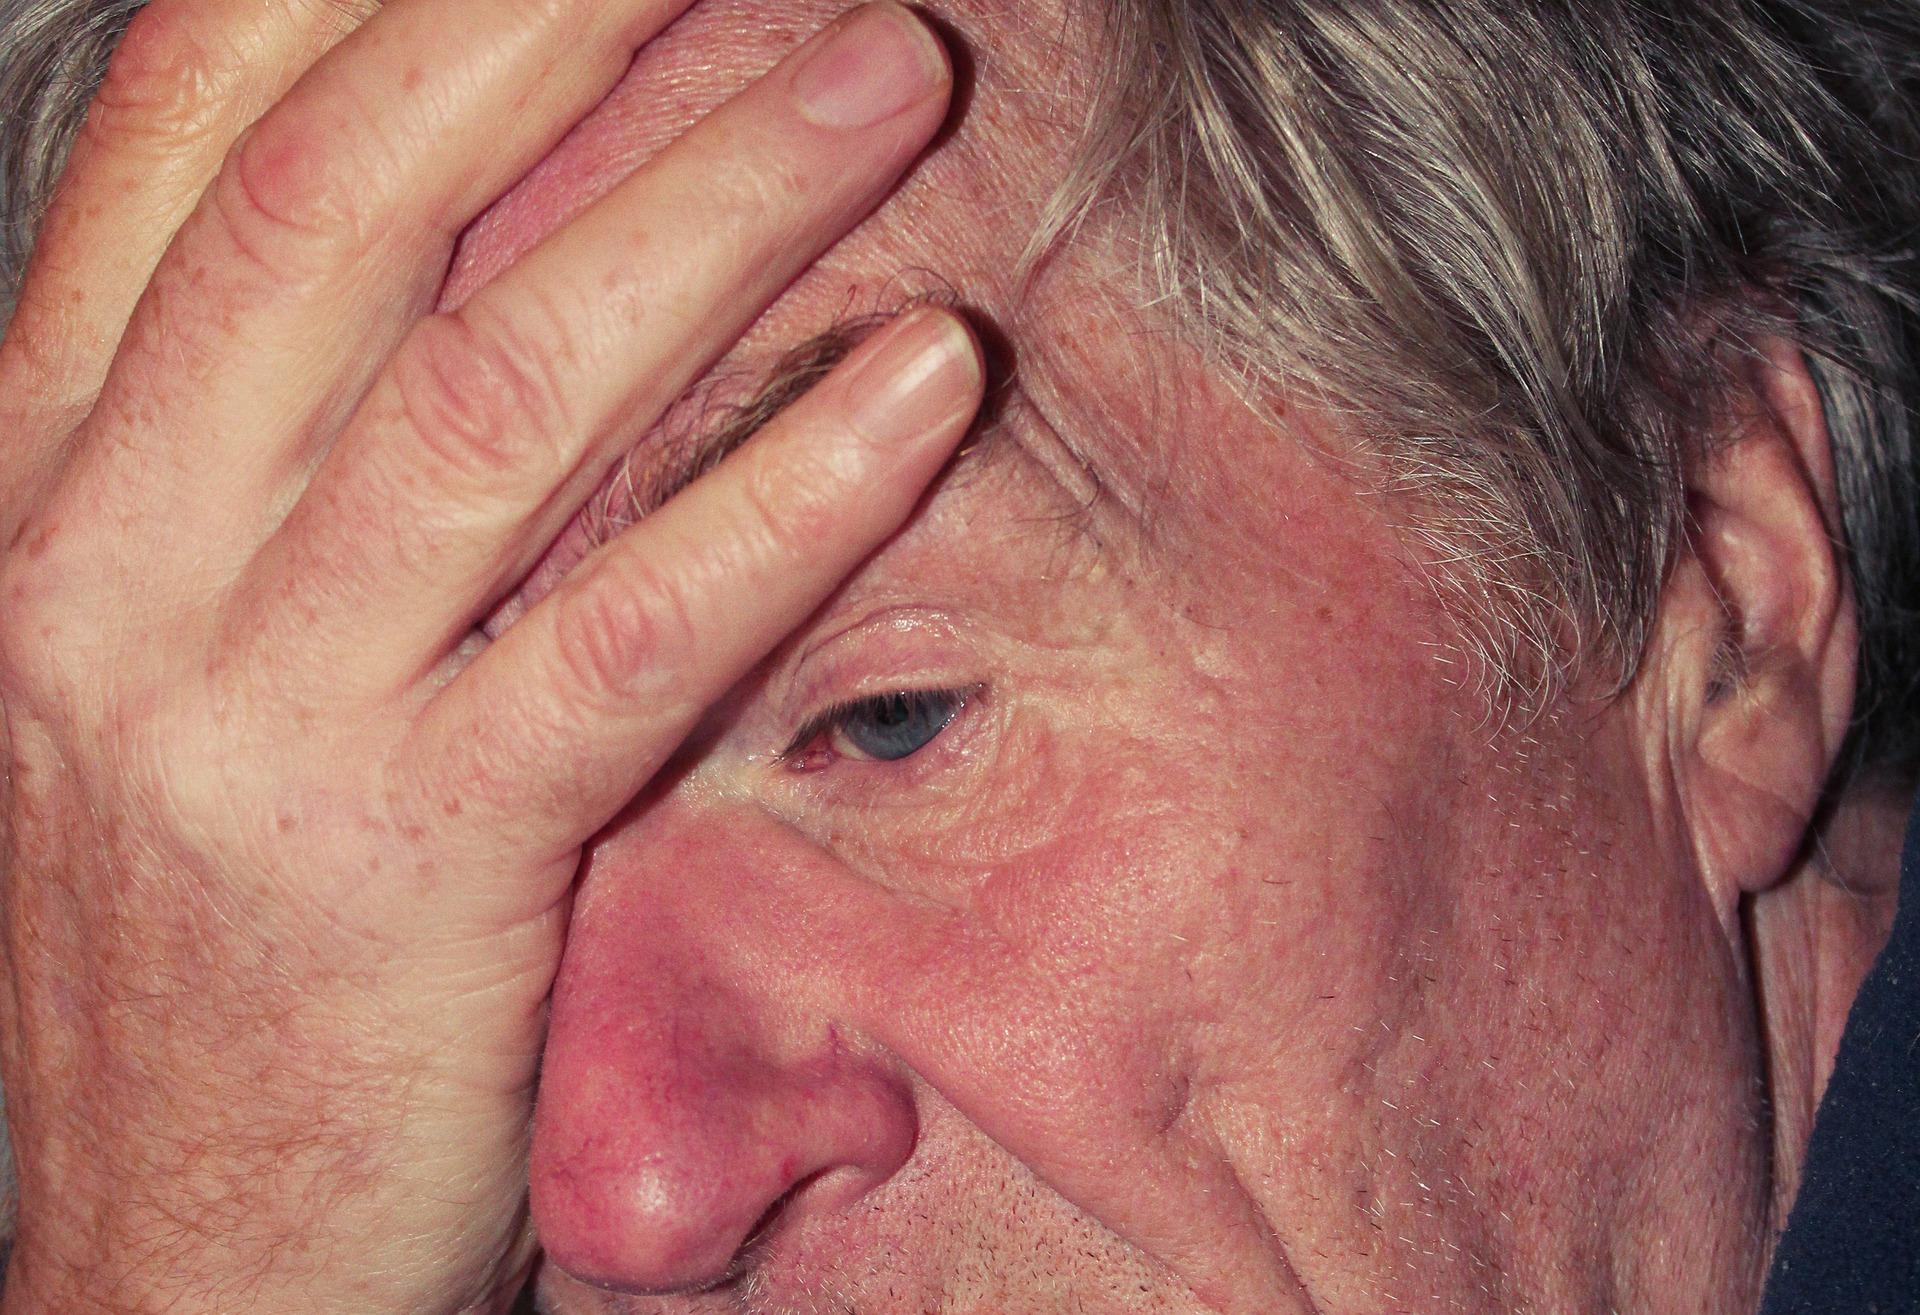 Gesundheit von Senioren fördern